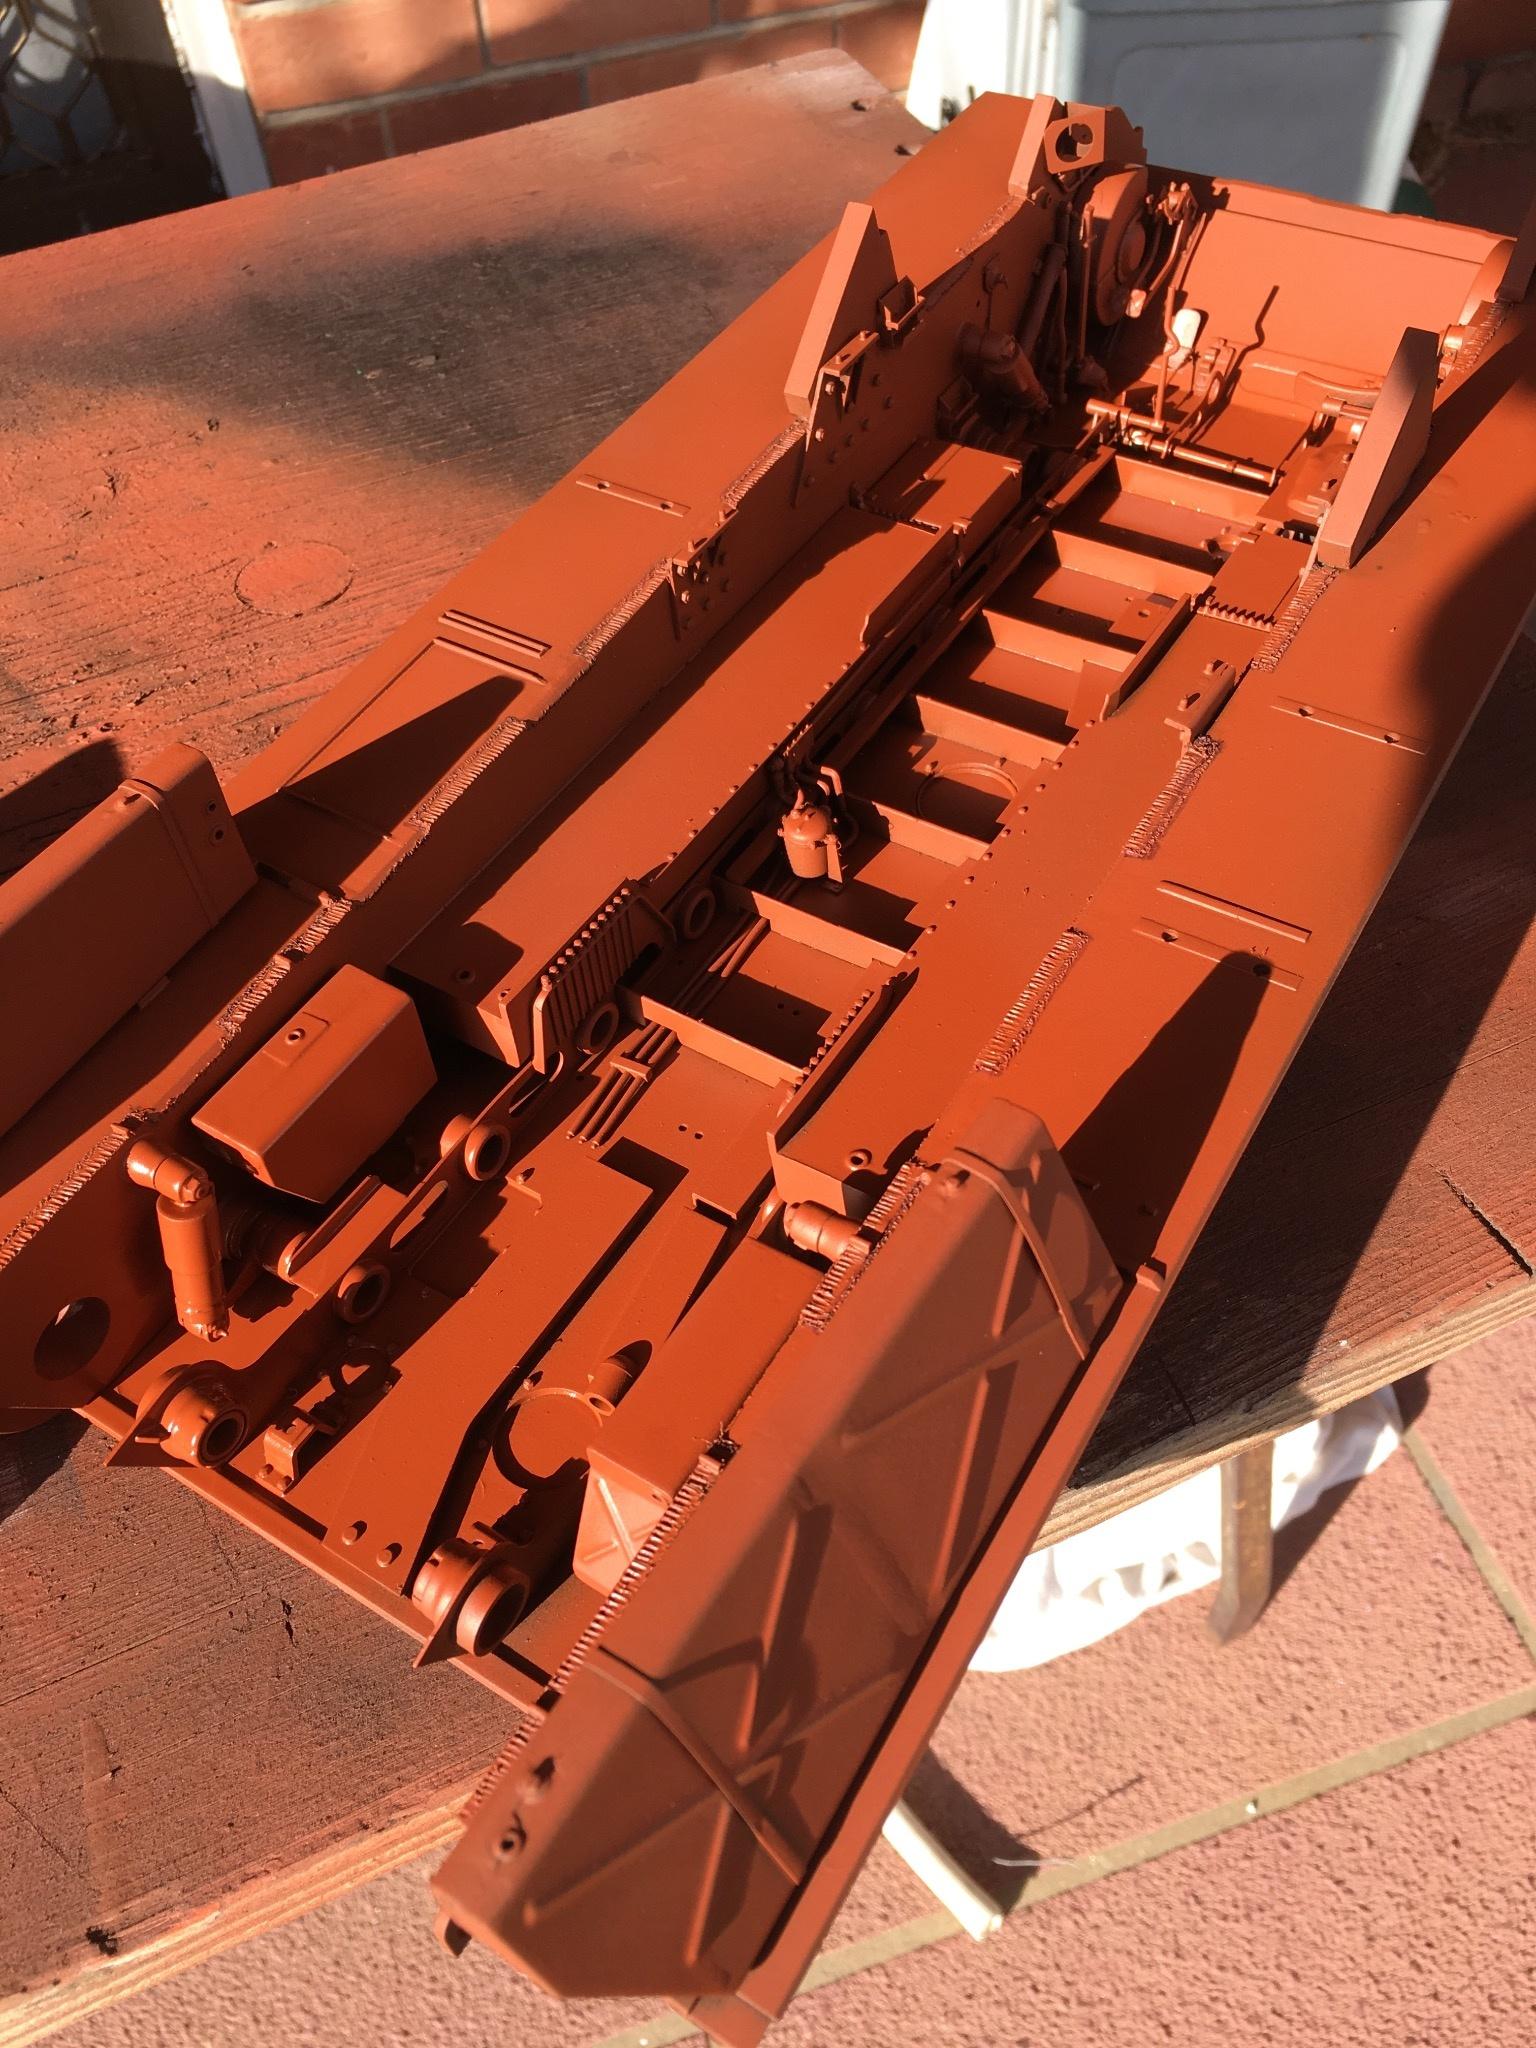 523AEE3E-A6B2-48B2-A852-D4D64FA97BDF.jpeg